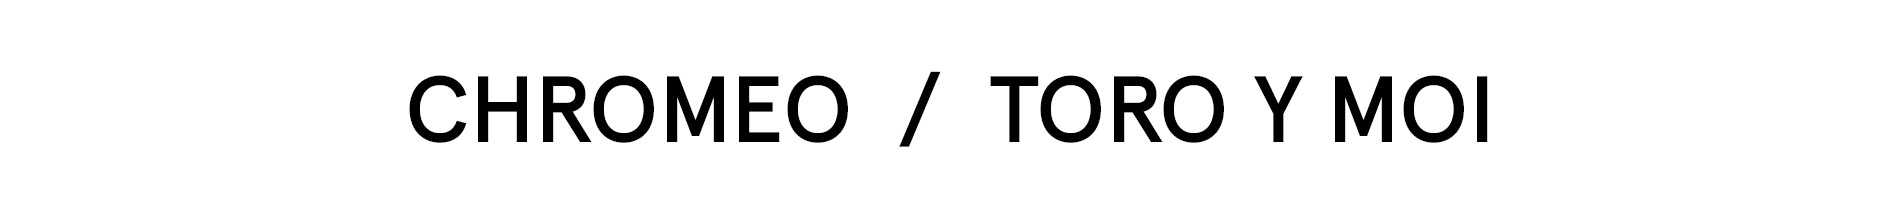 Chromeo / Toro y Moi